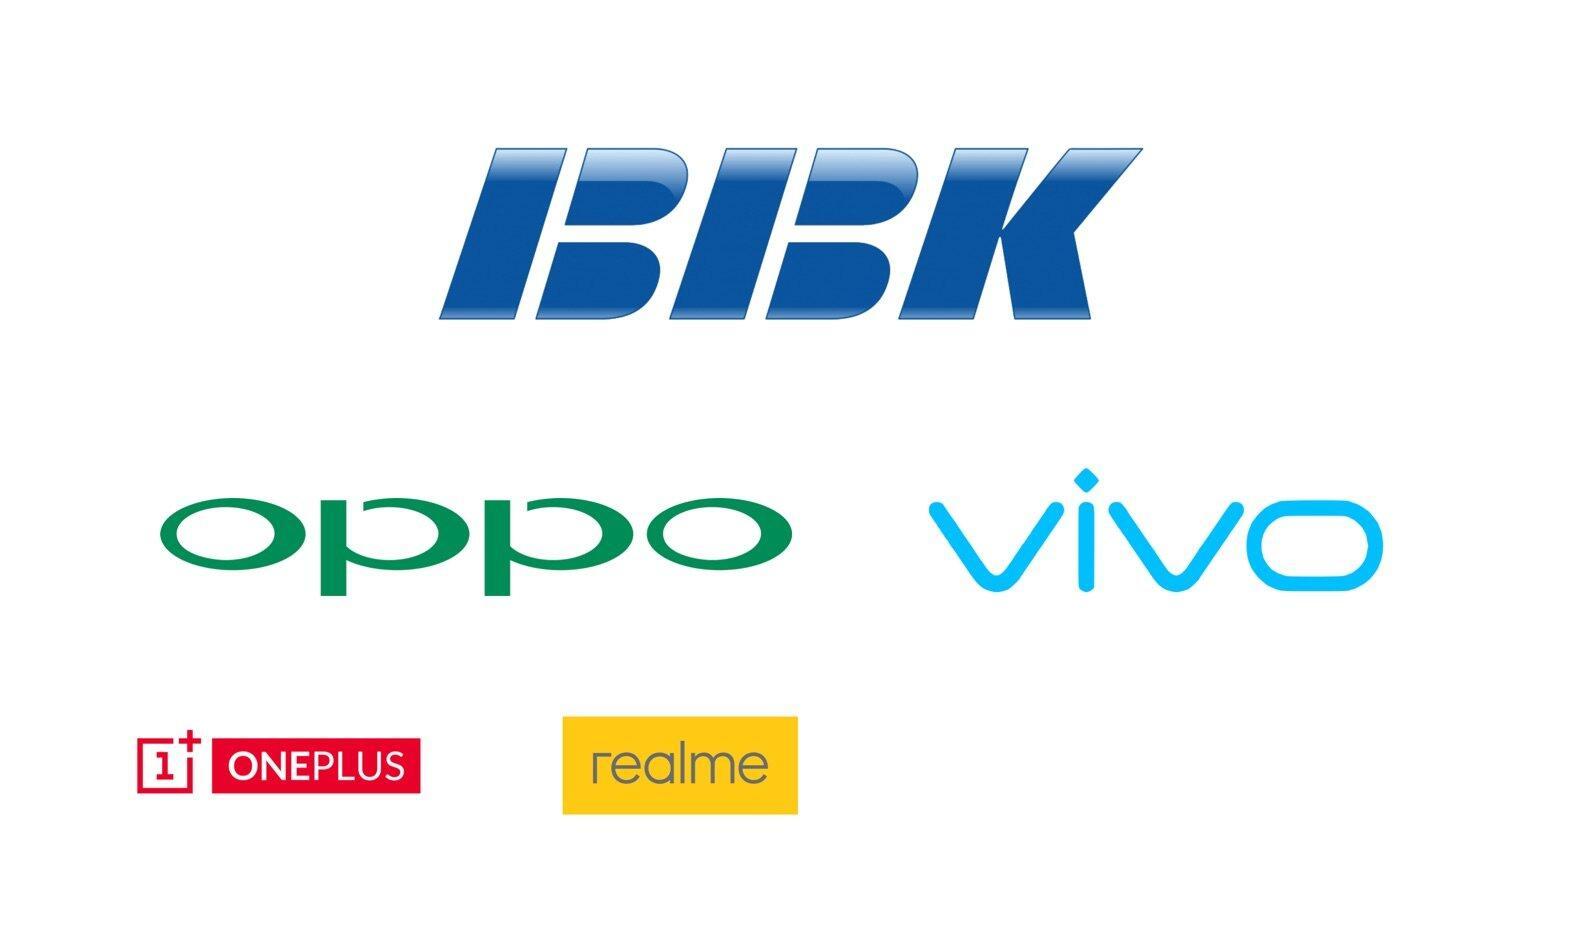 Bbk Electronics Aktie